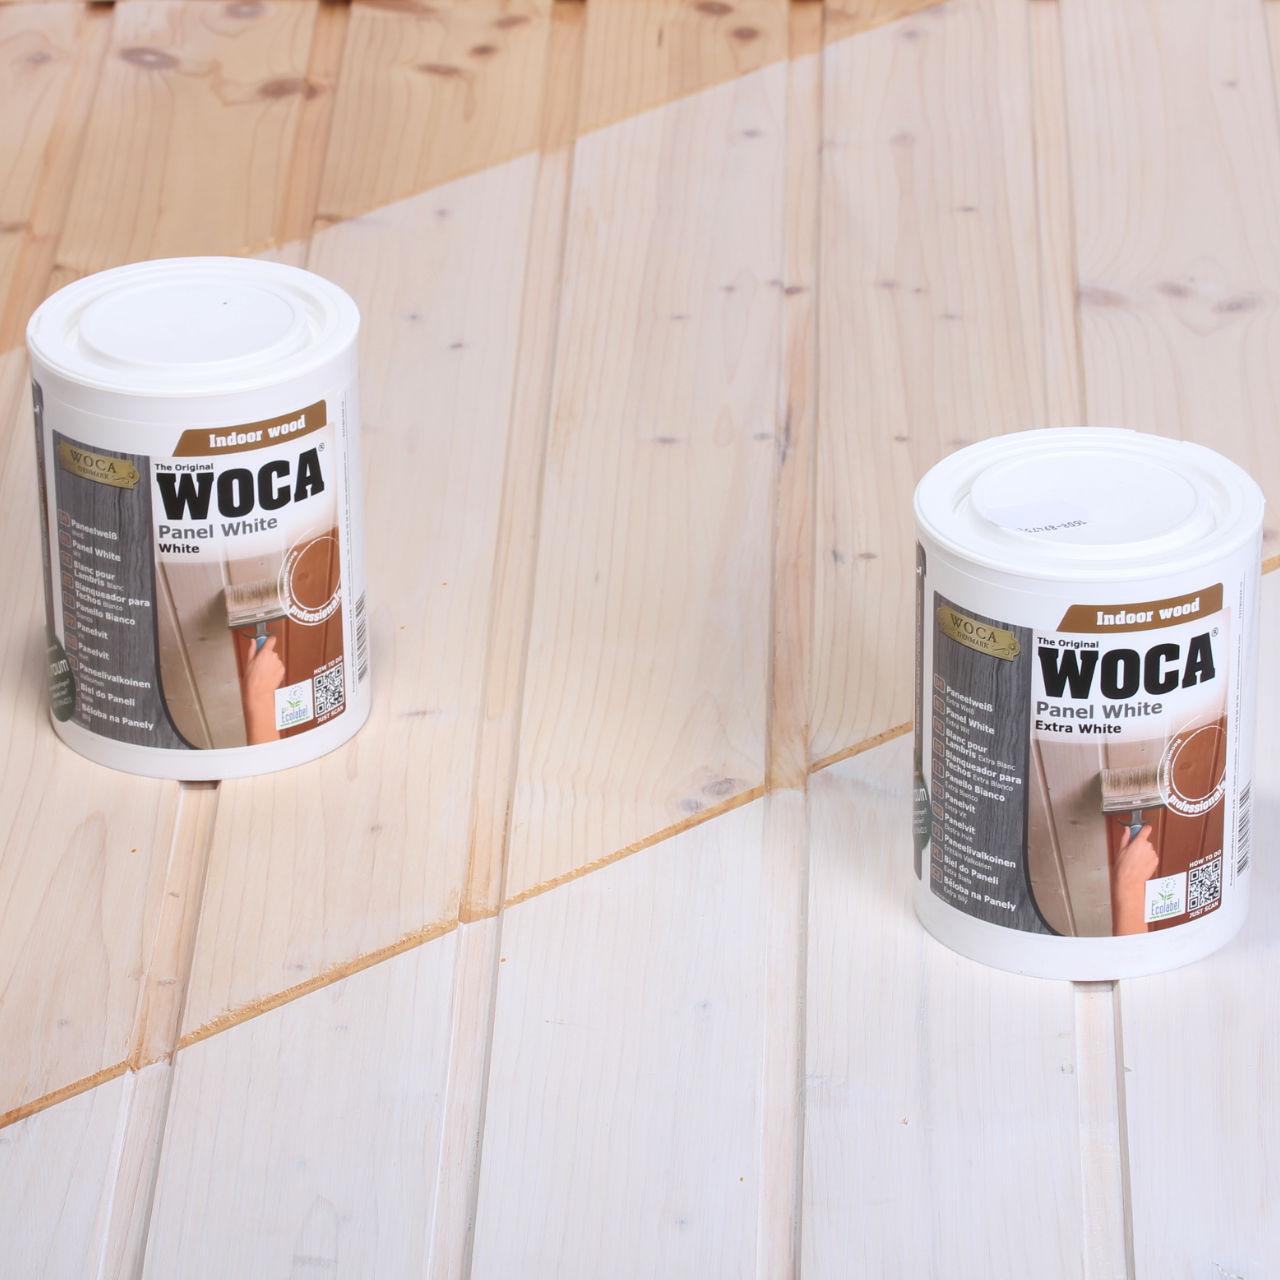 Woca Paneelweiss Variante Weiss Woca Shop